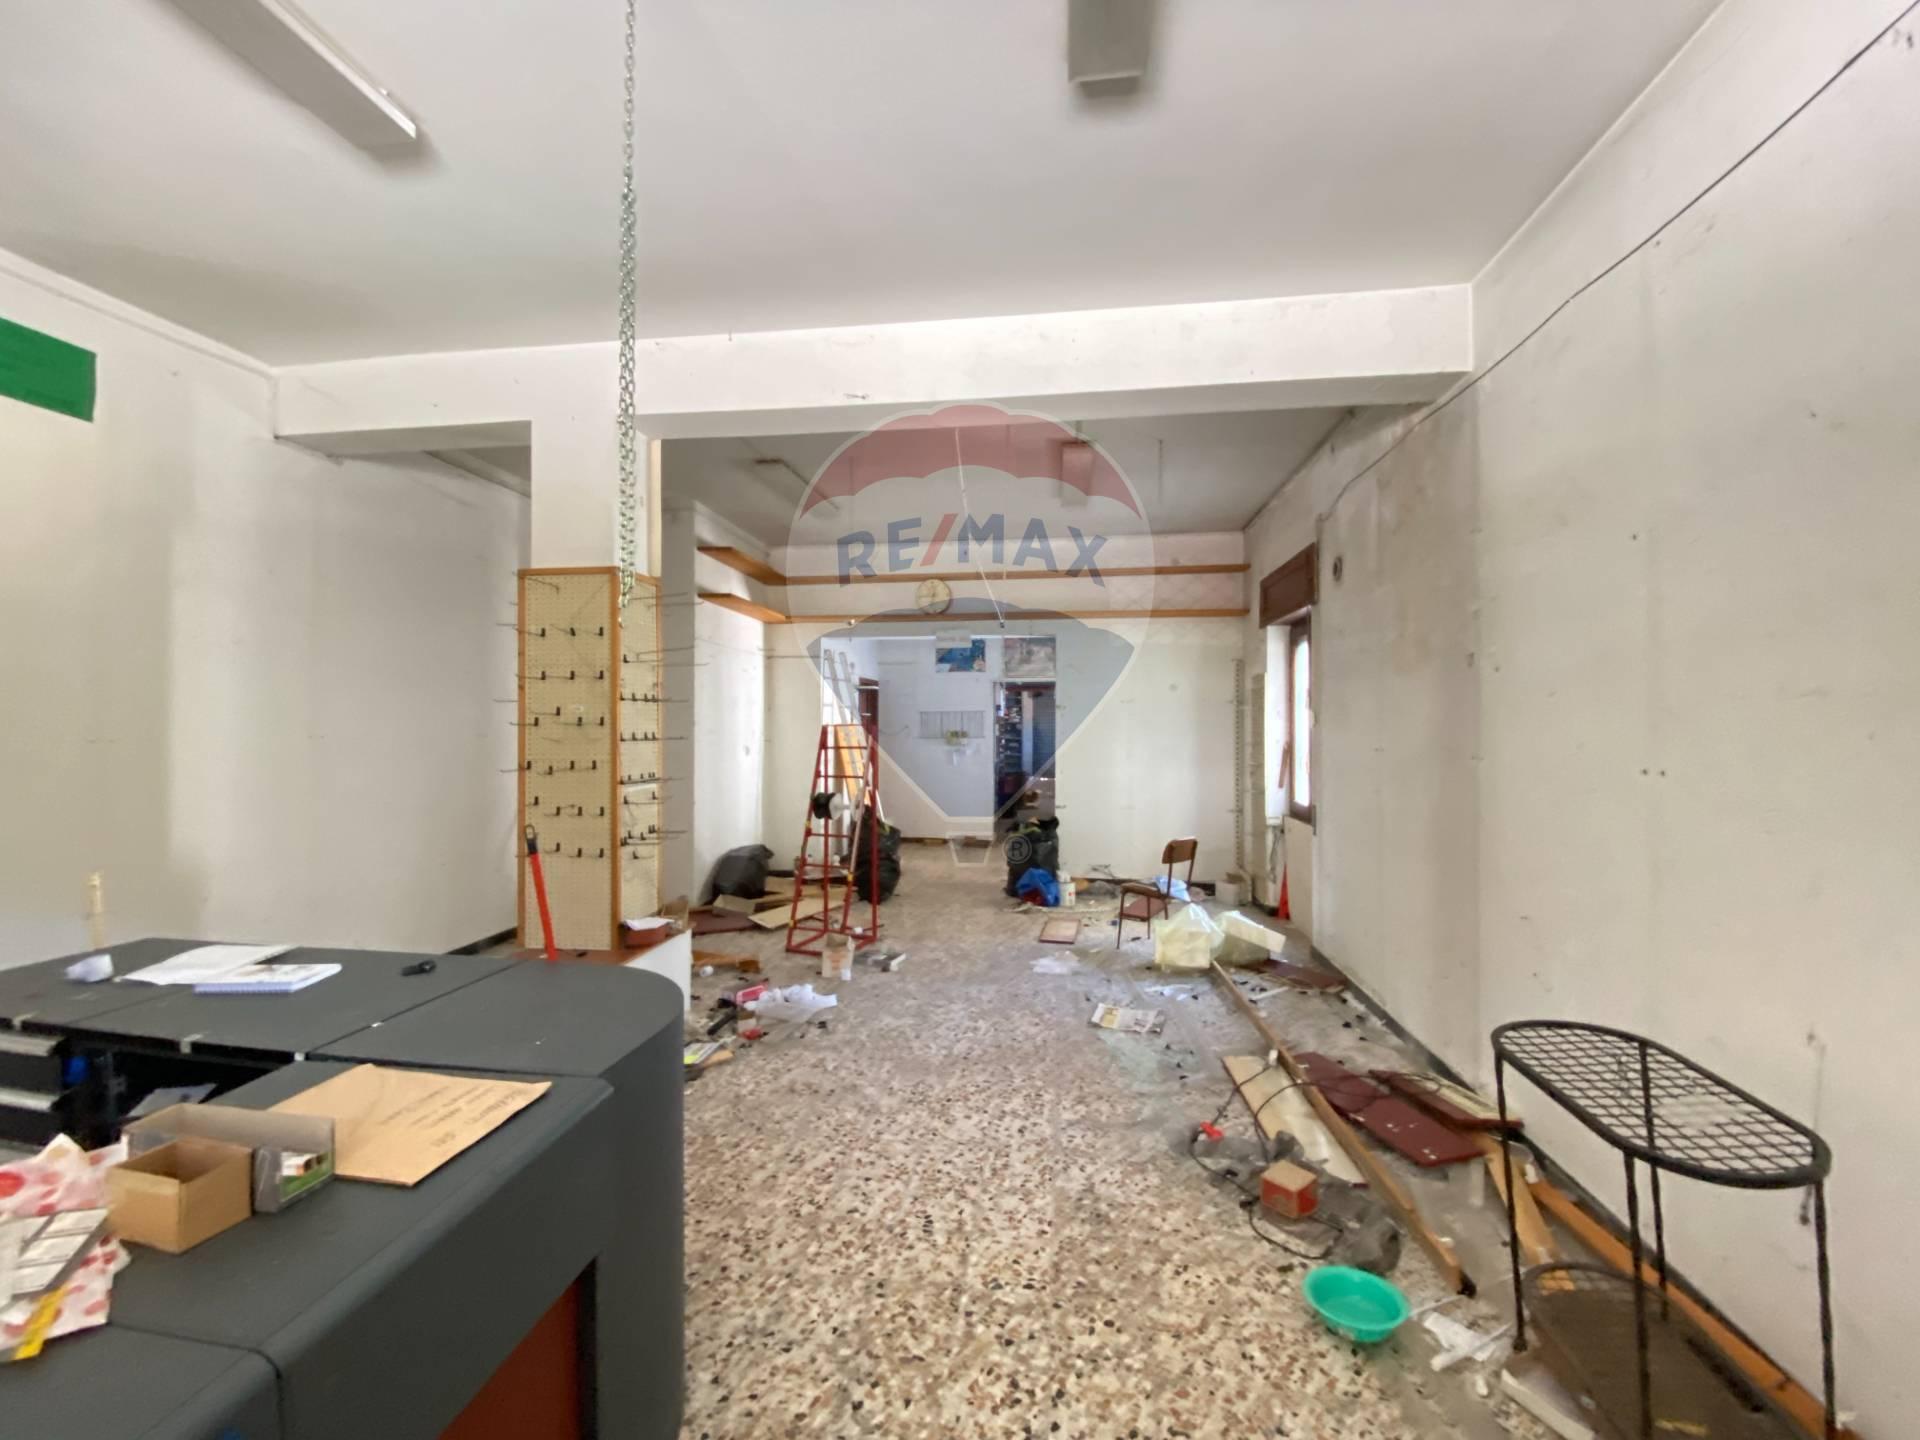 Negozio / Locale in affitto a Dego, 9999 locali, zona Zona: Piano, prezzo € 400 | CambioCasa.it